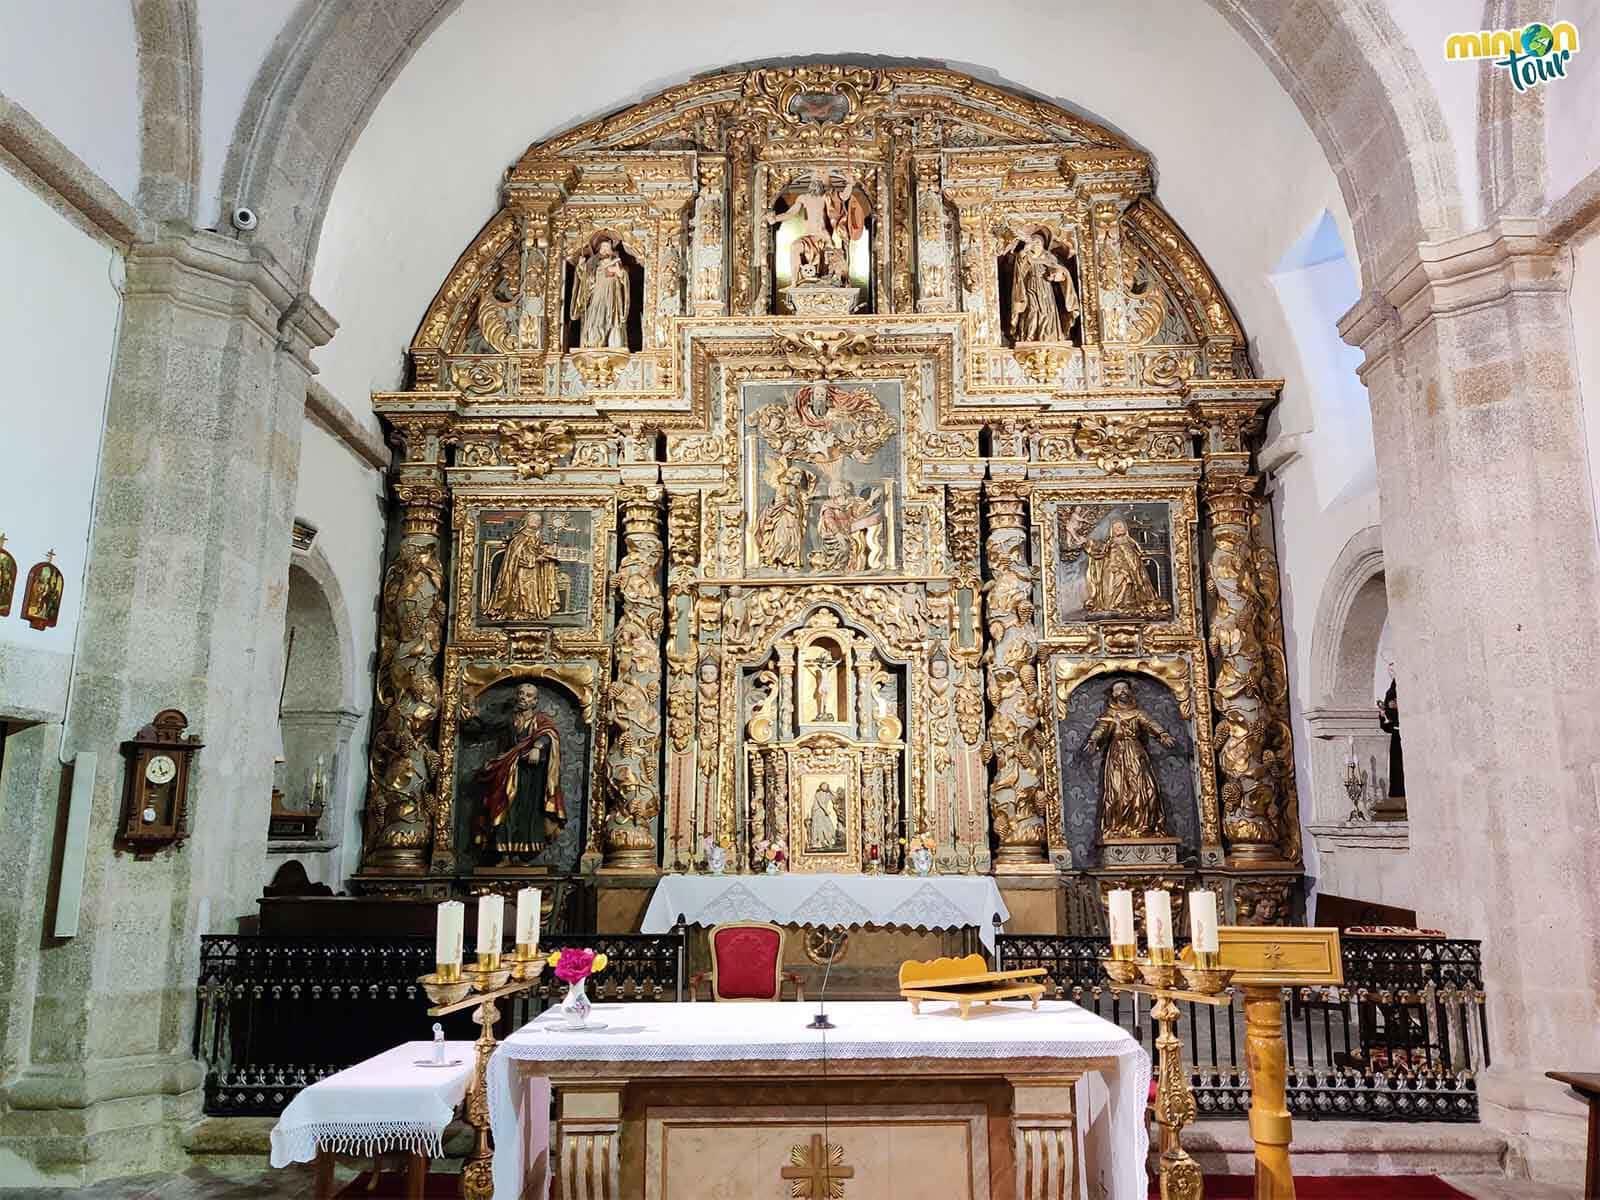 Retablo mayor de la iglesia del Monasterio de la Concepción de Mondoñedo